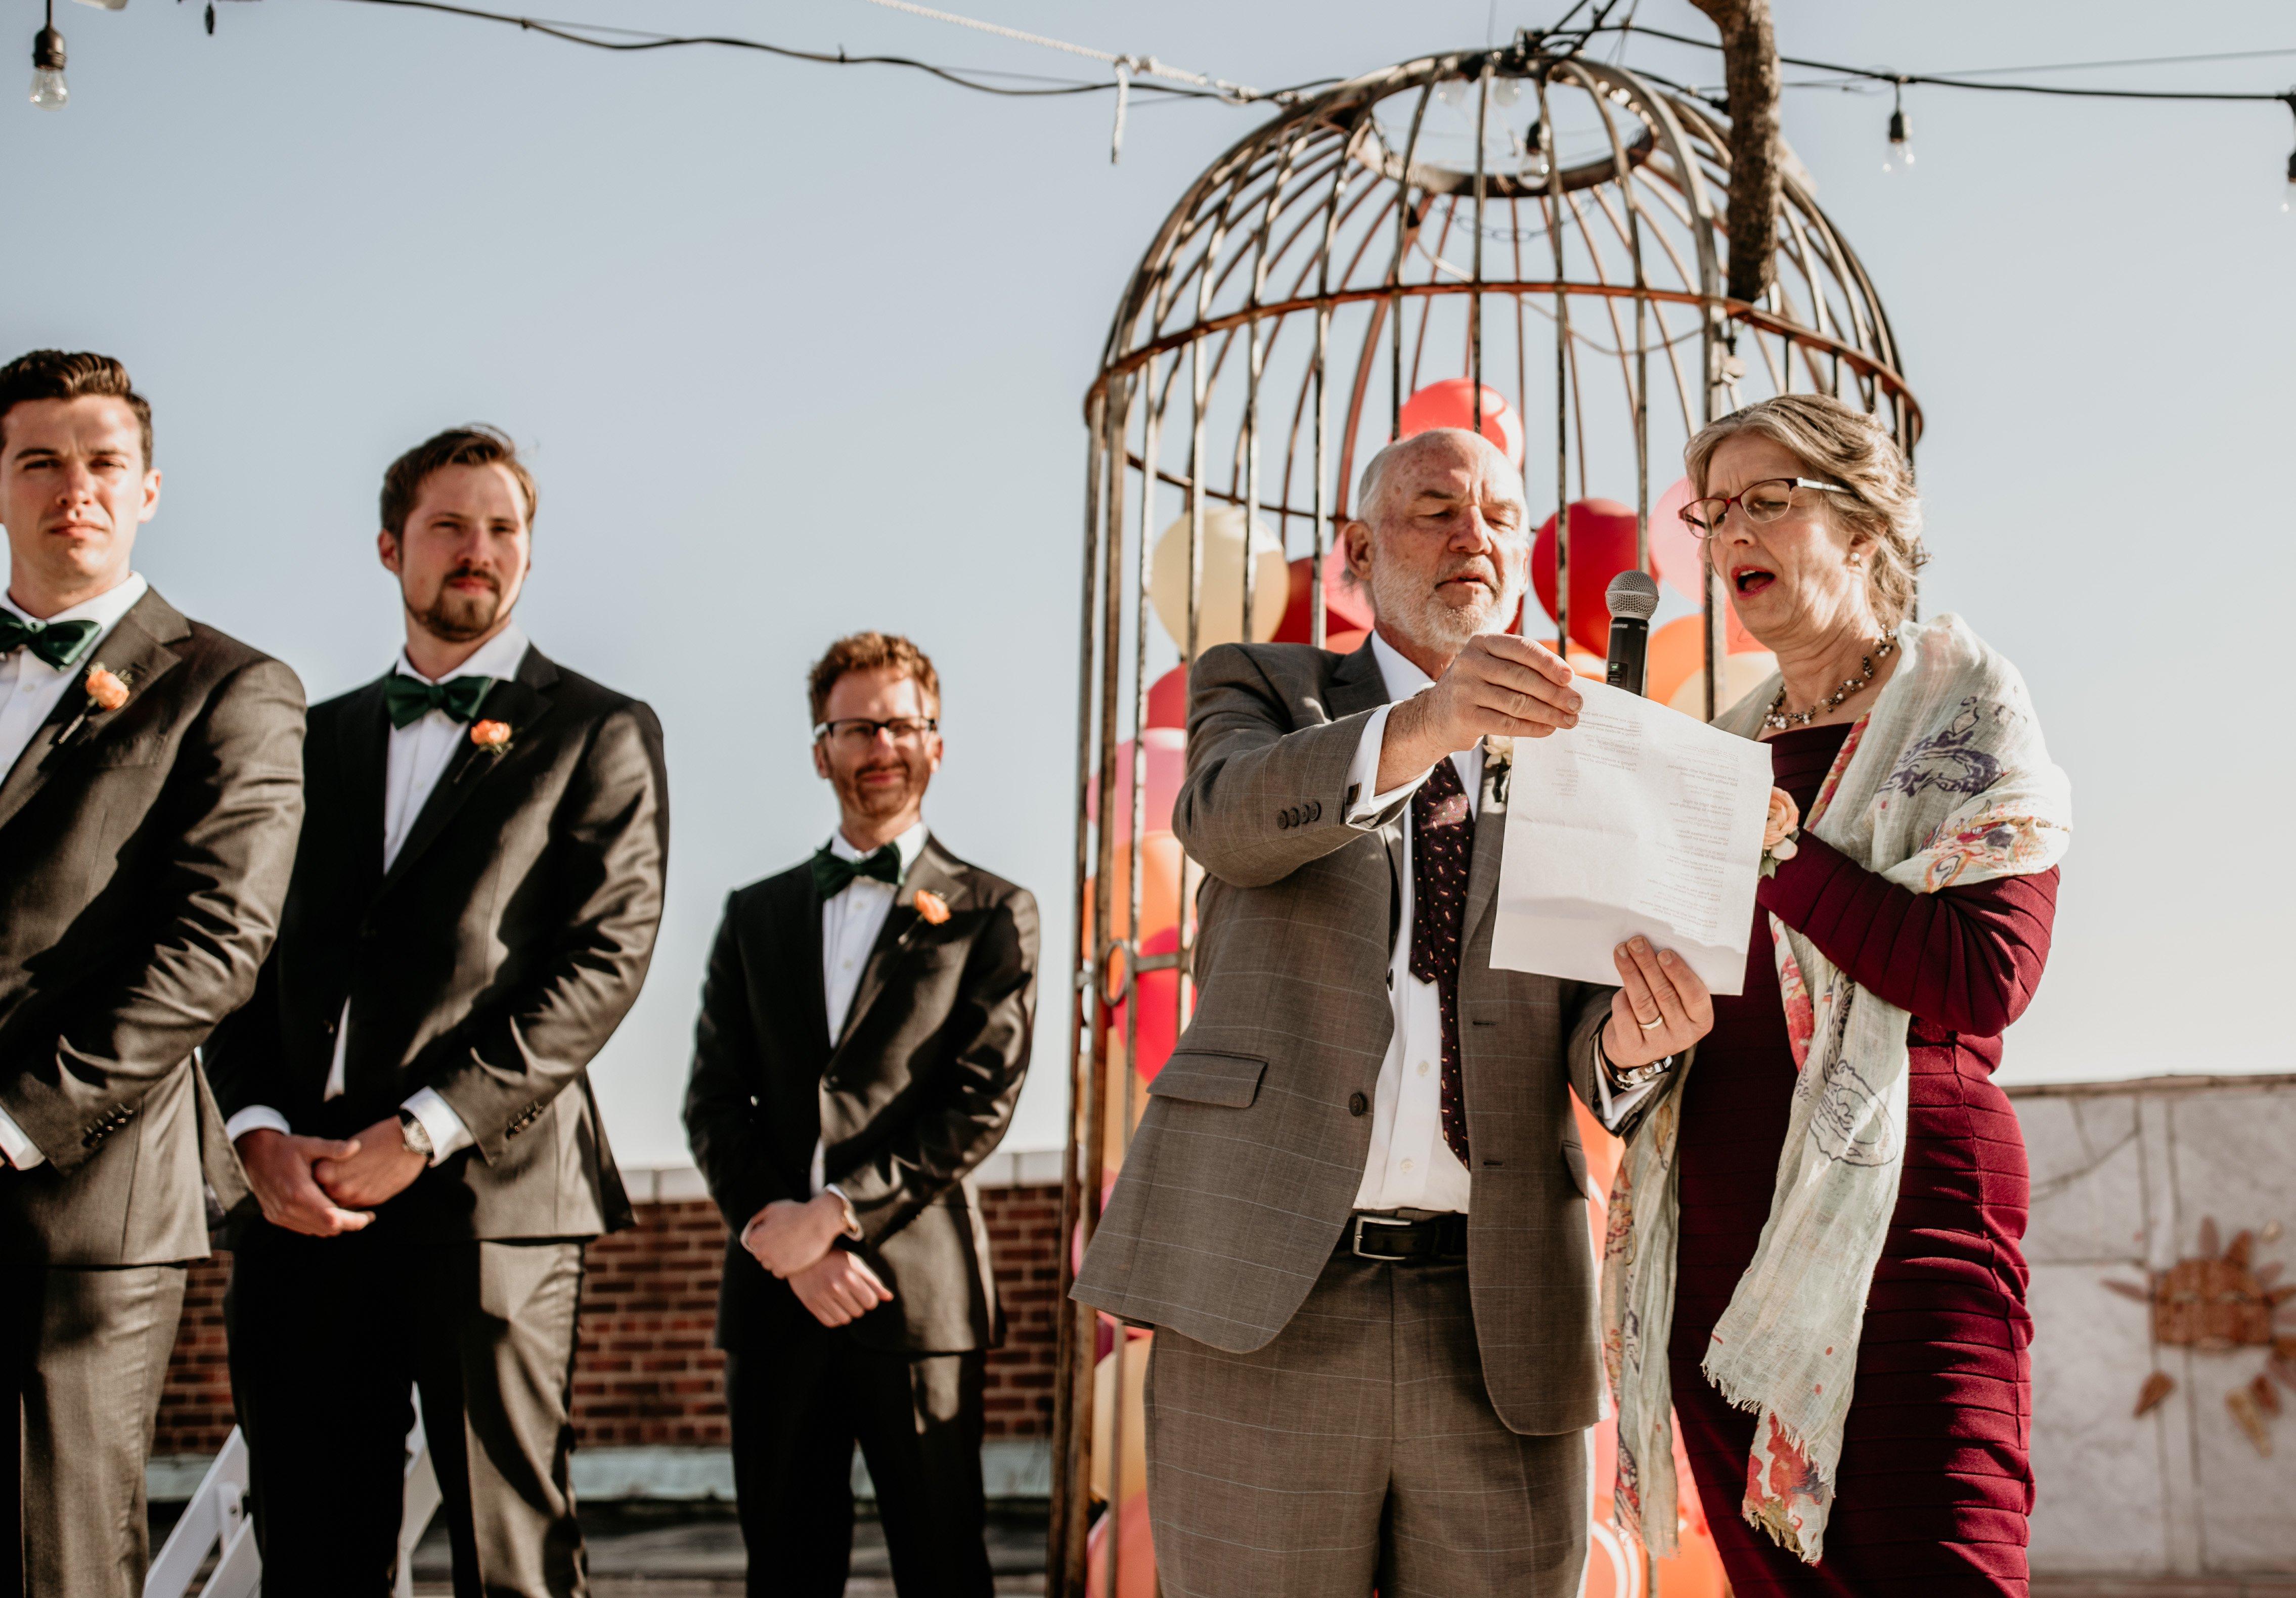 Sweet ceremony readings